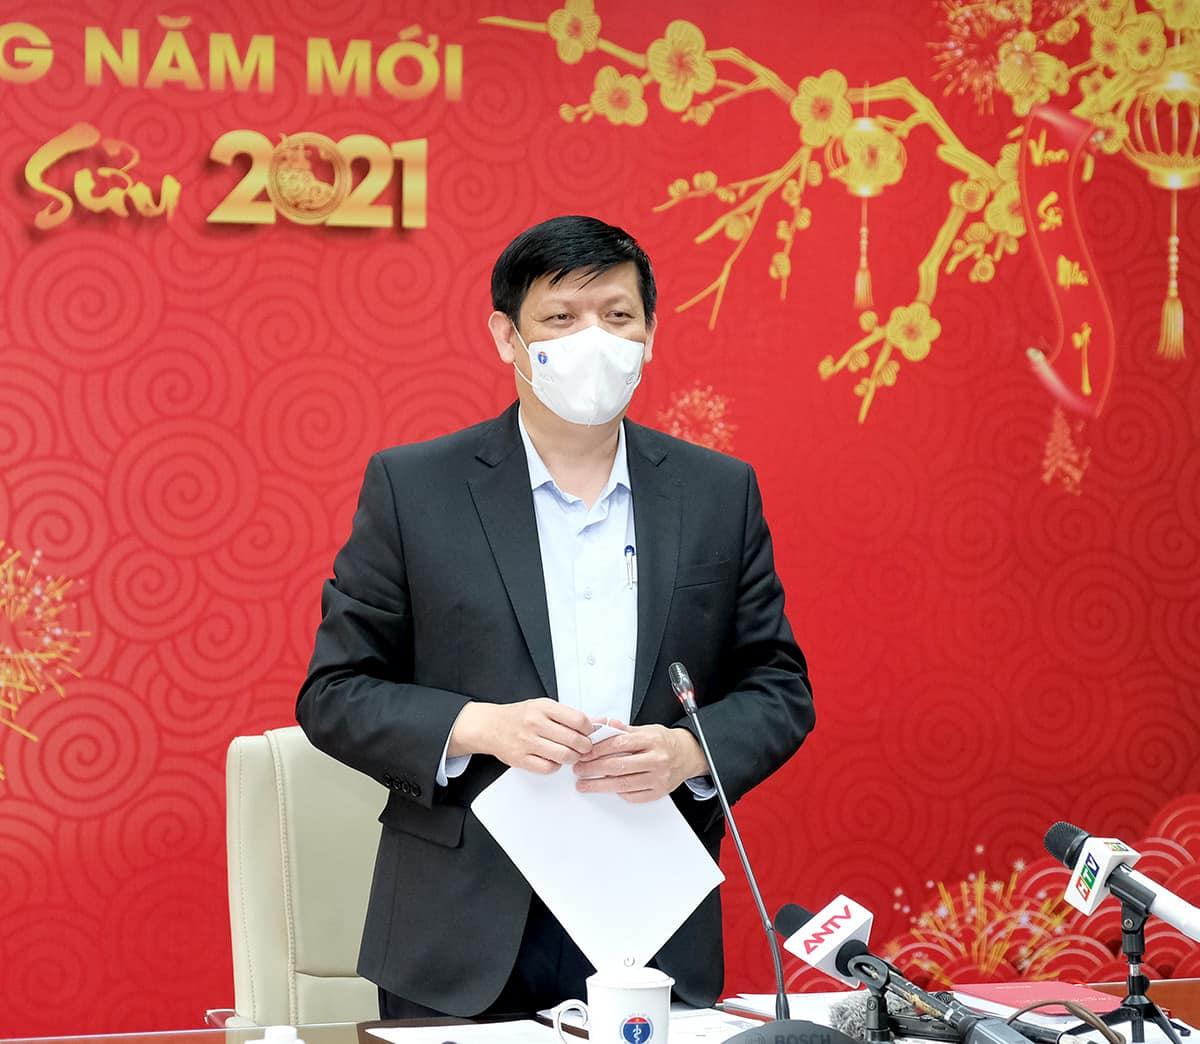 Chuyên gia Nhật Bản tử vong ở Hà Nội nhiễm biến chủng mới của SARS-CoV-2 - 1